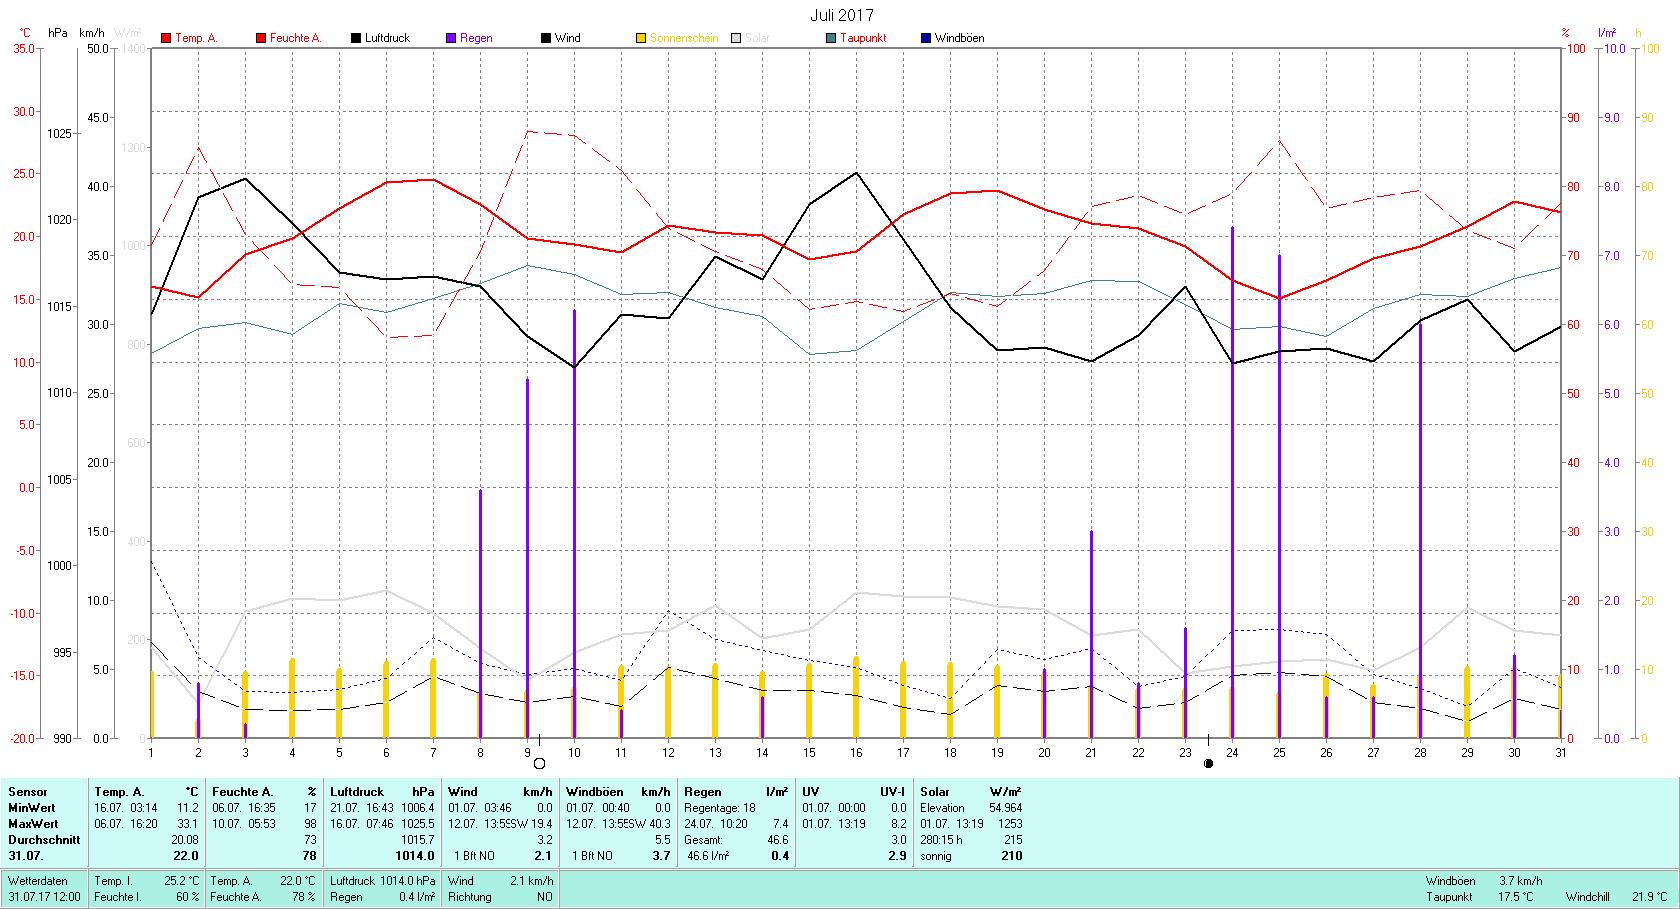 Juli 2017 Tmin 11.2°C, Tmax 33.1°C, Sonne 280:15 h, Niederschlag 46.6mm/2